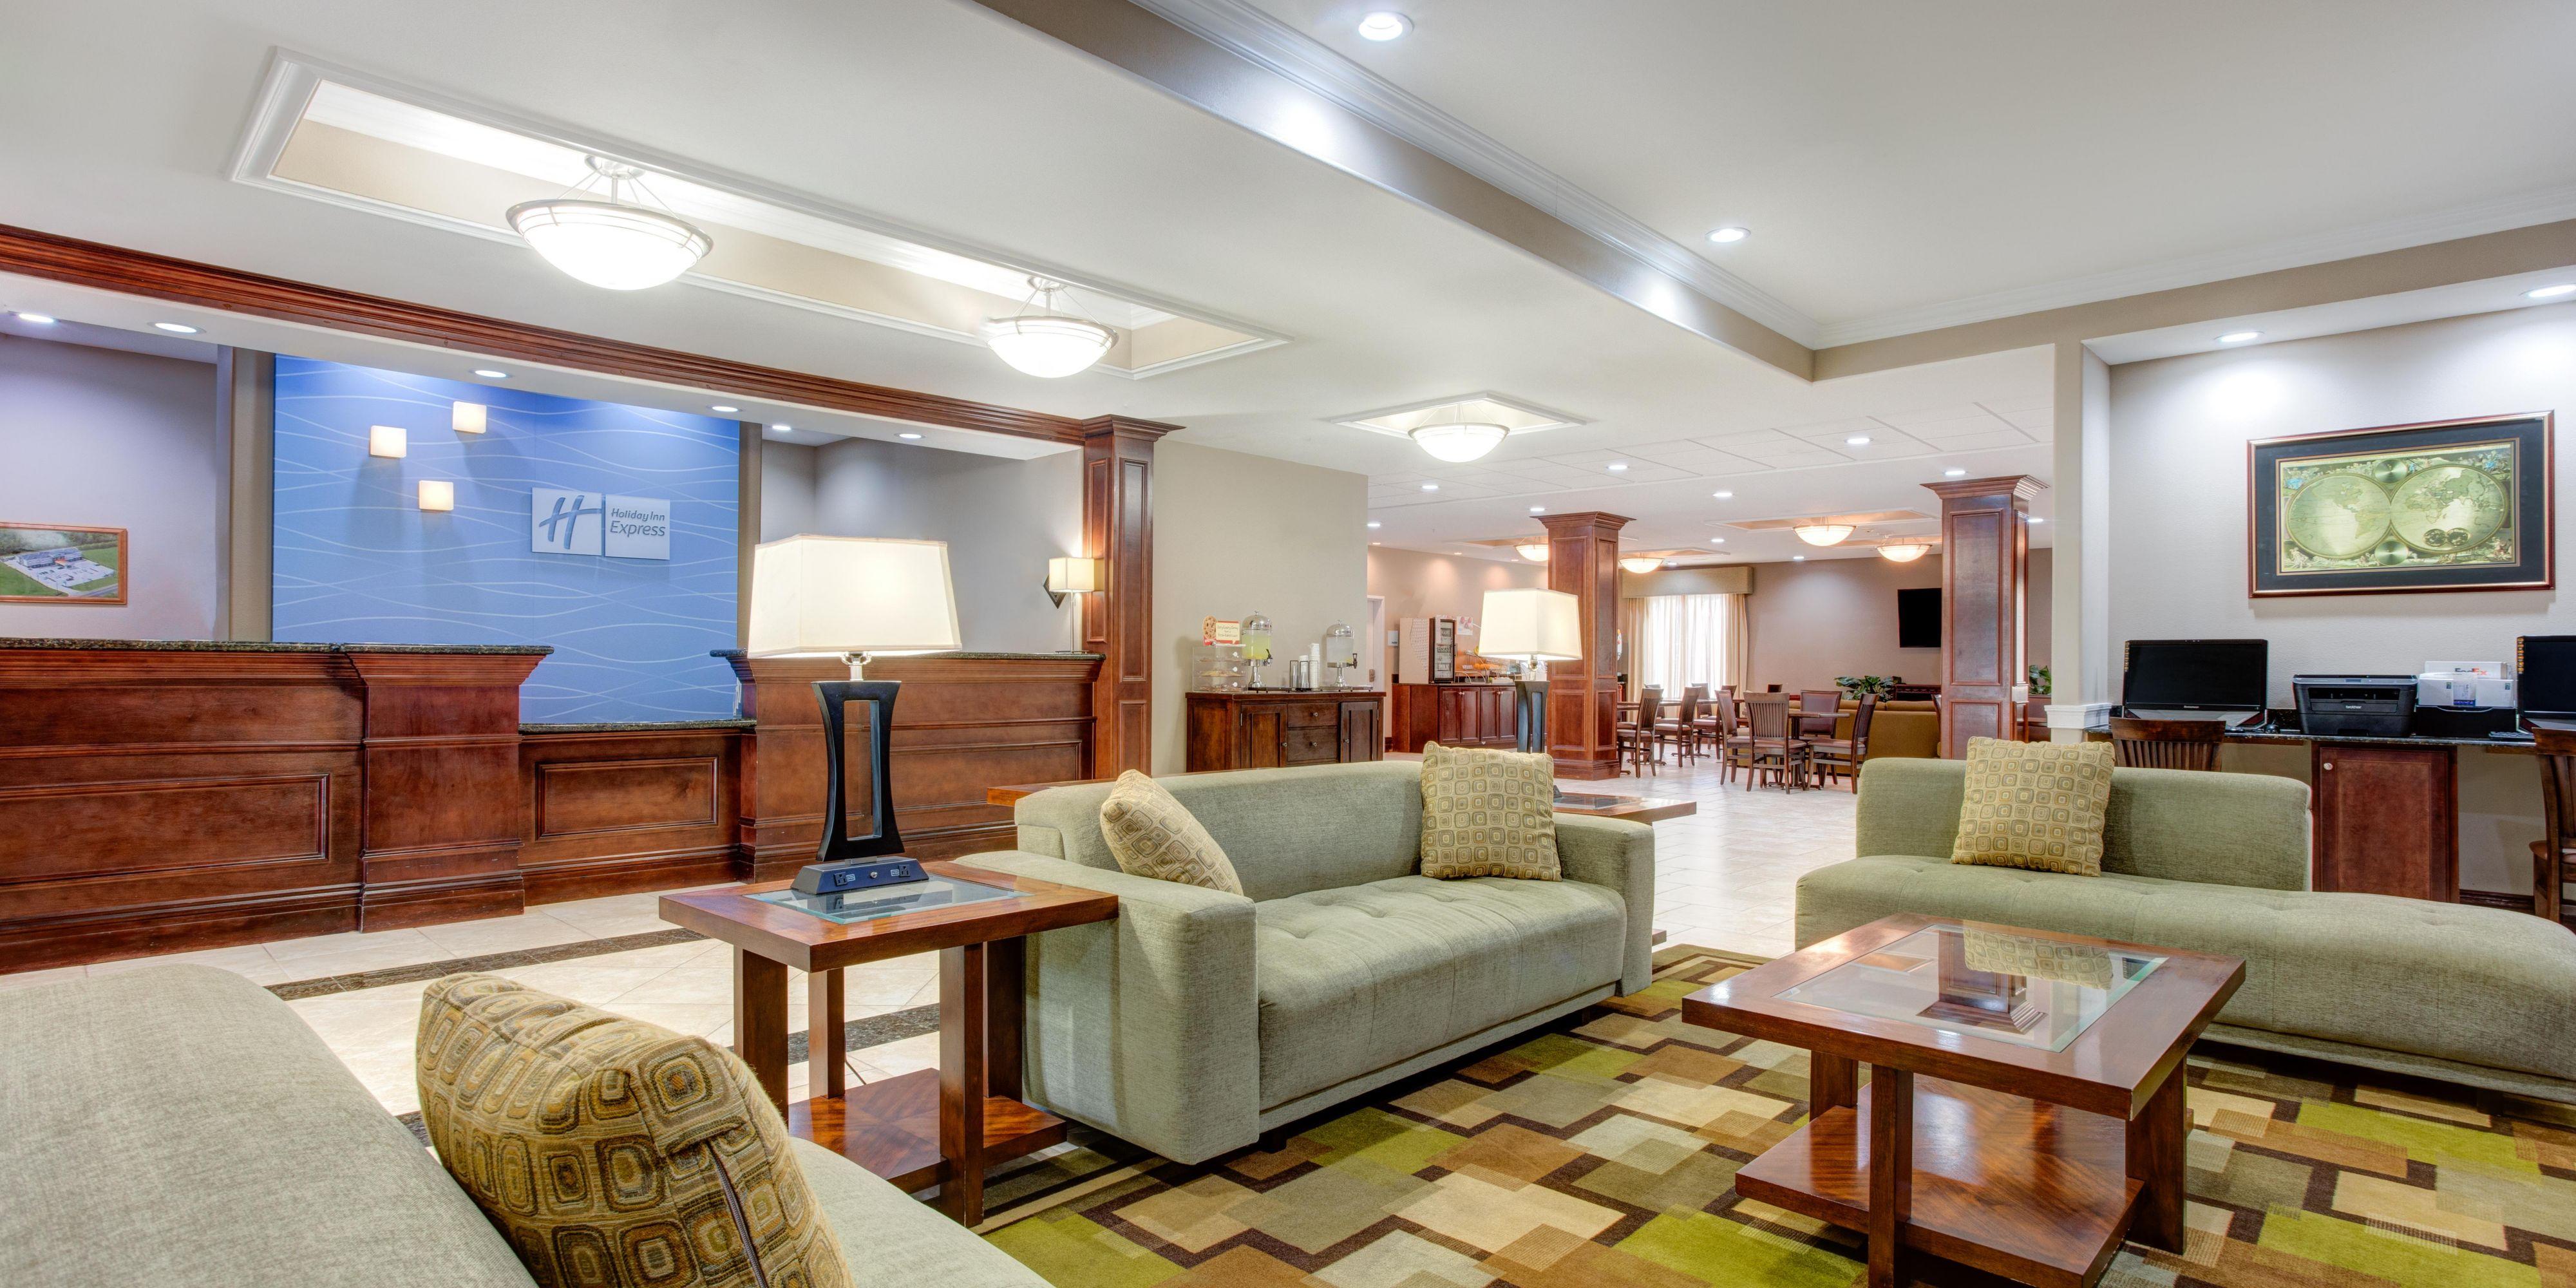 Holiday Inn Express U0026 Suites Cut Off   Galliano Hotel In Cut Off By IHG